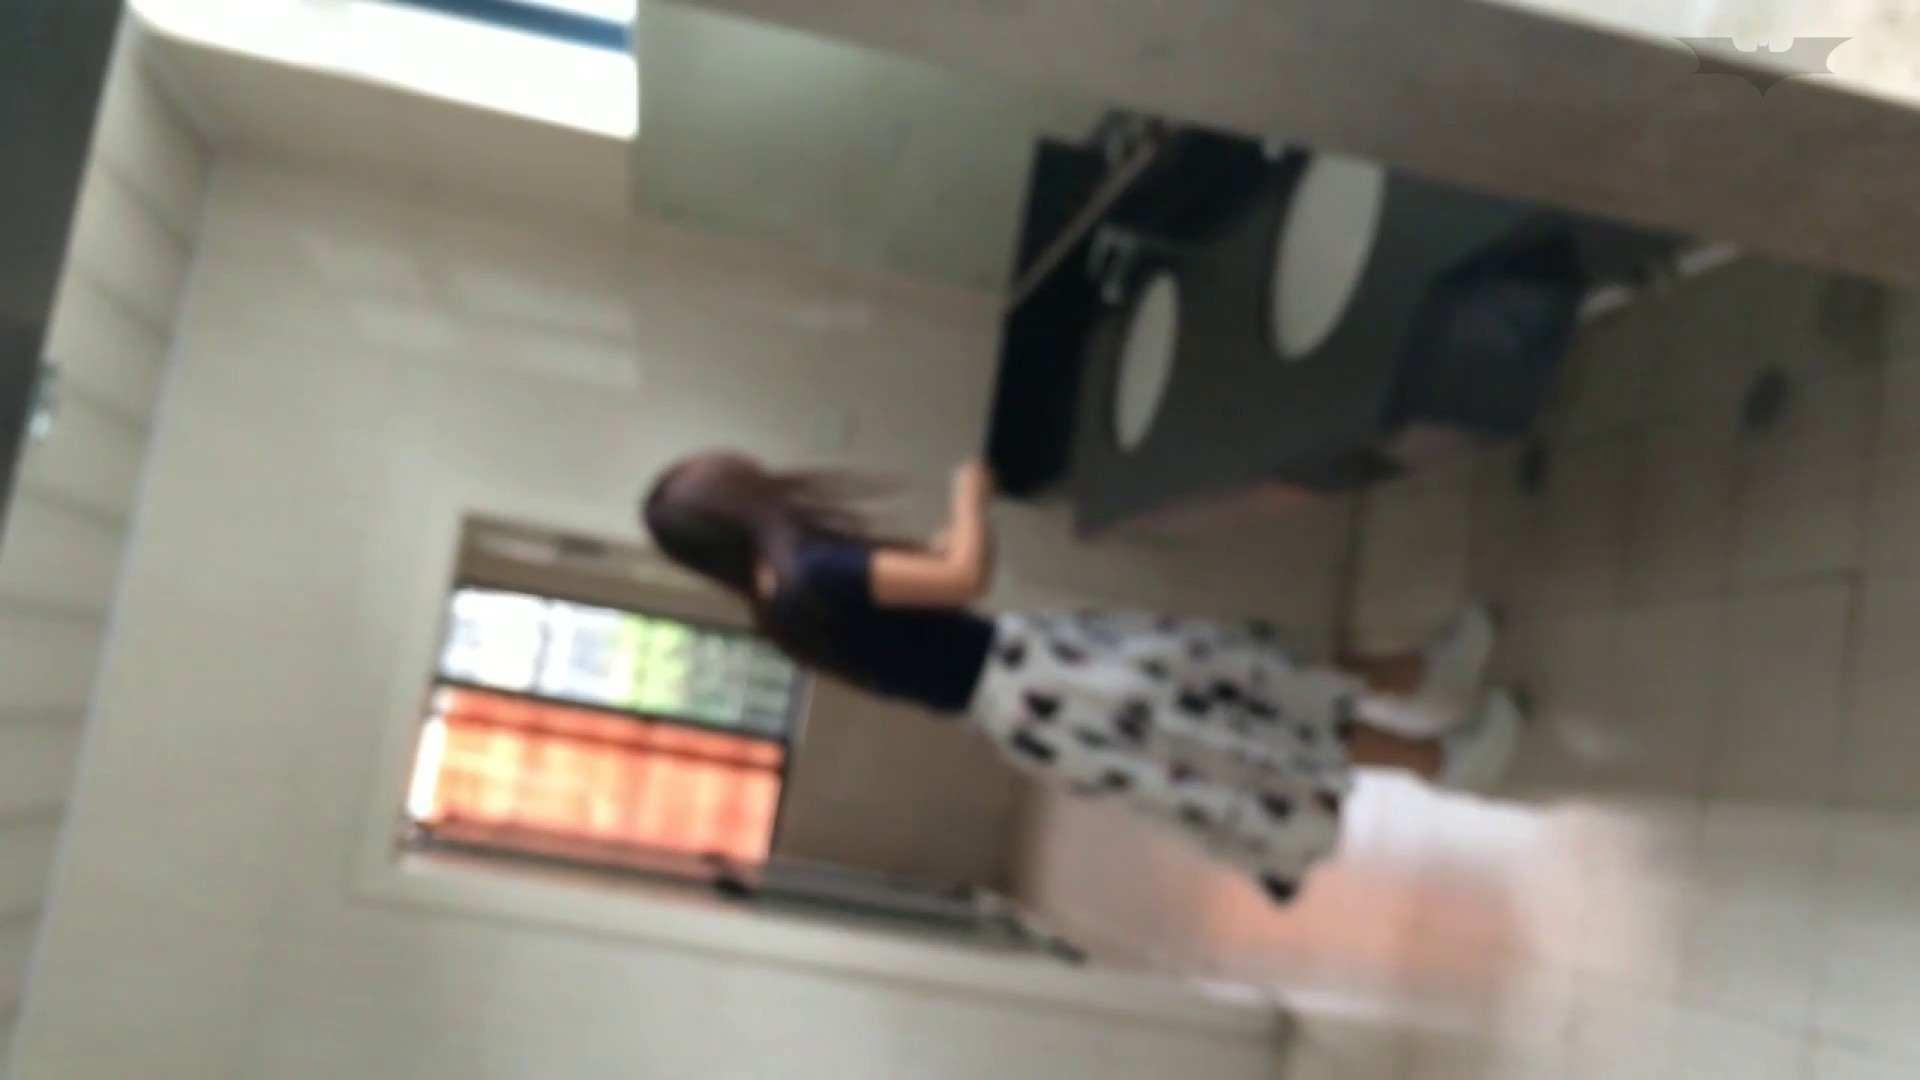 JD盗撮 美女の洗面所の秘密 Vol.45 トイレ中 | 盗撮エロすぎ  80連発 4